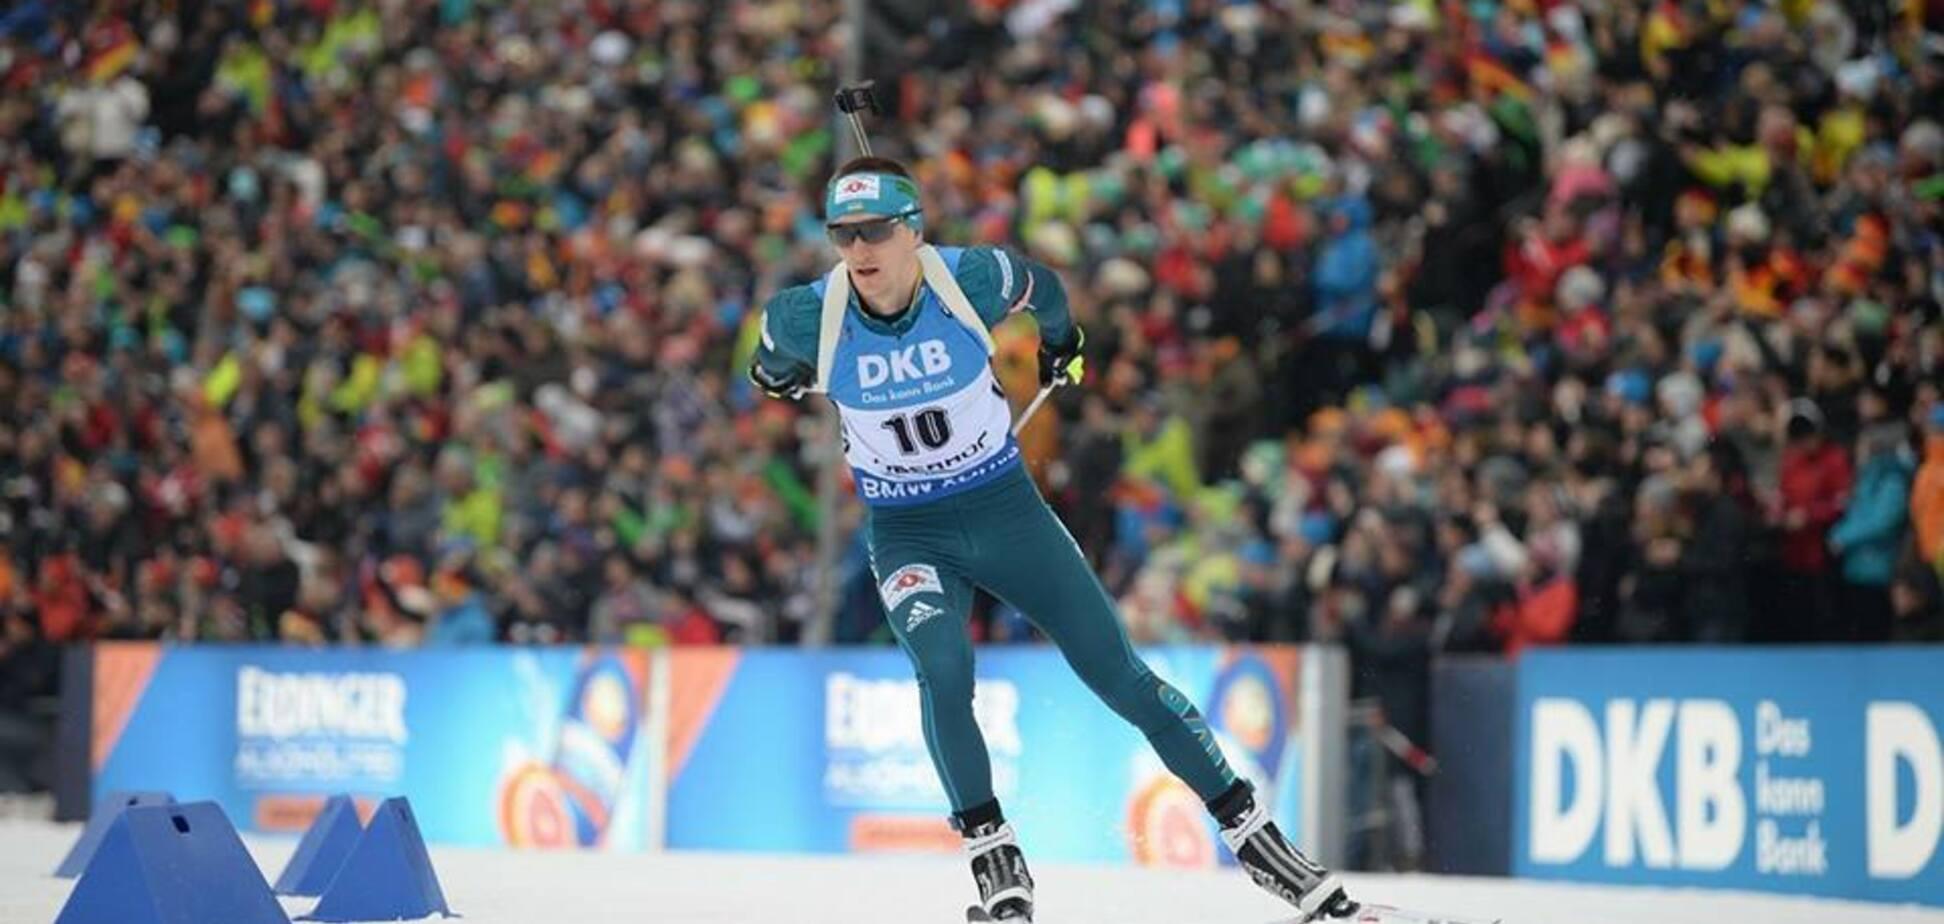 Украинский биатлонист показал феноменальный результат на Кубке мира